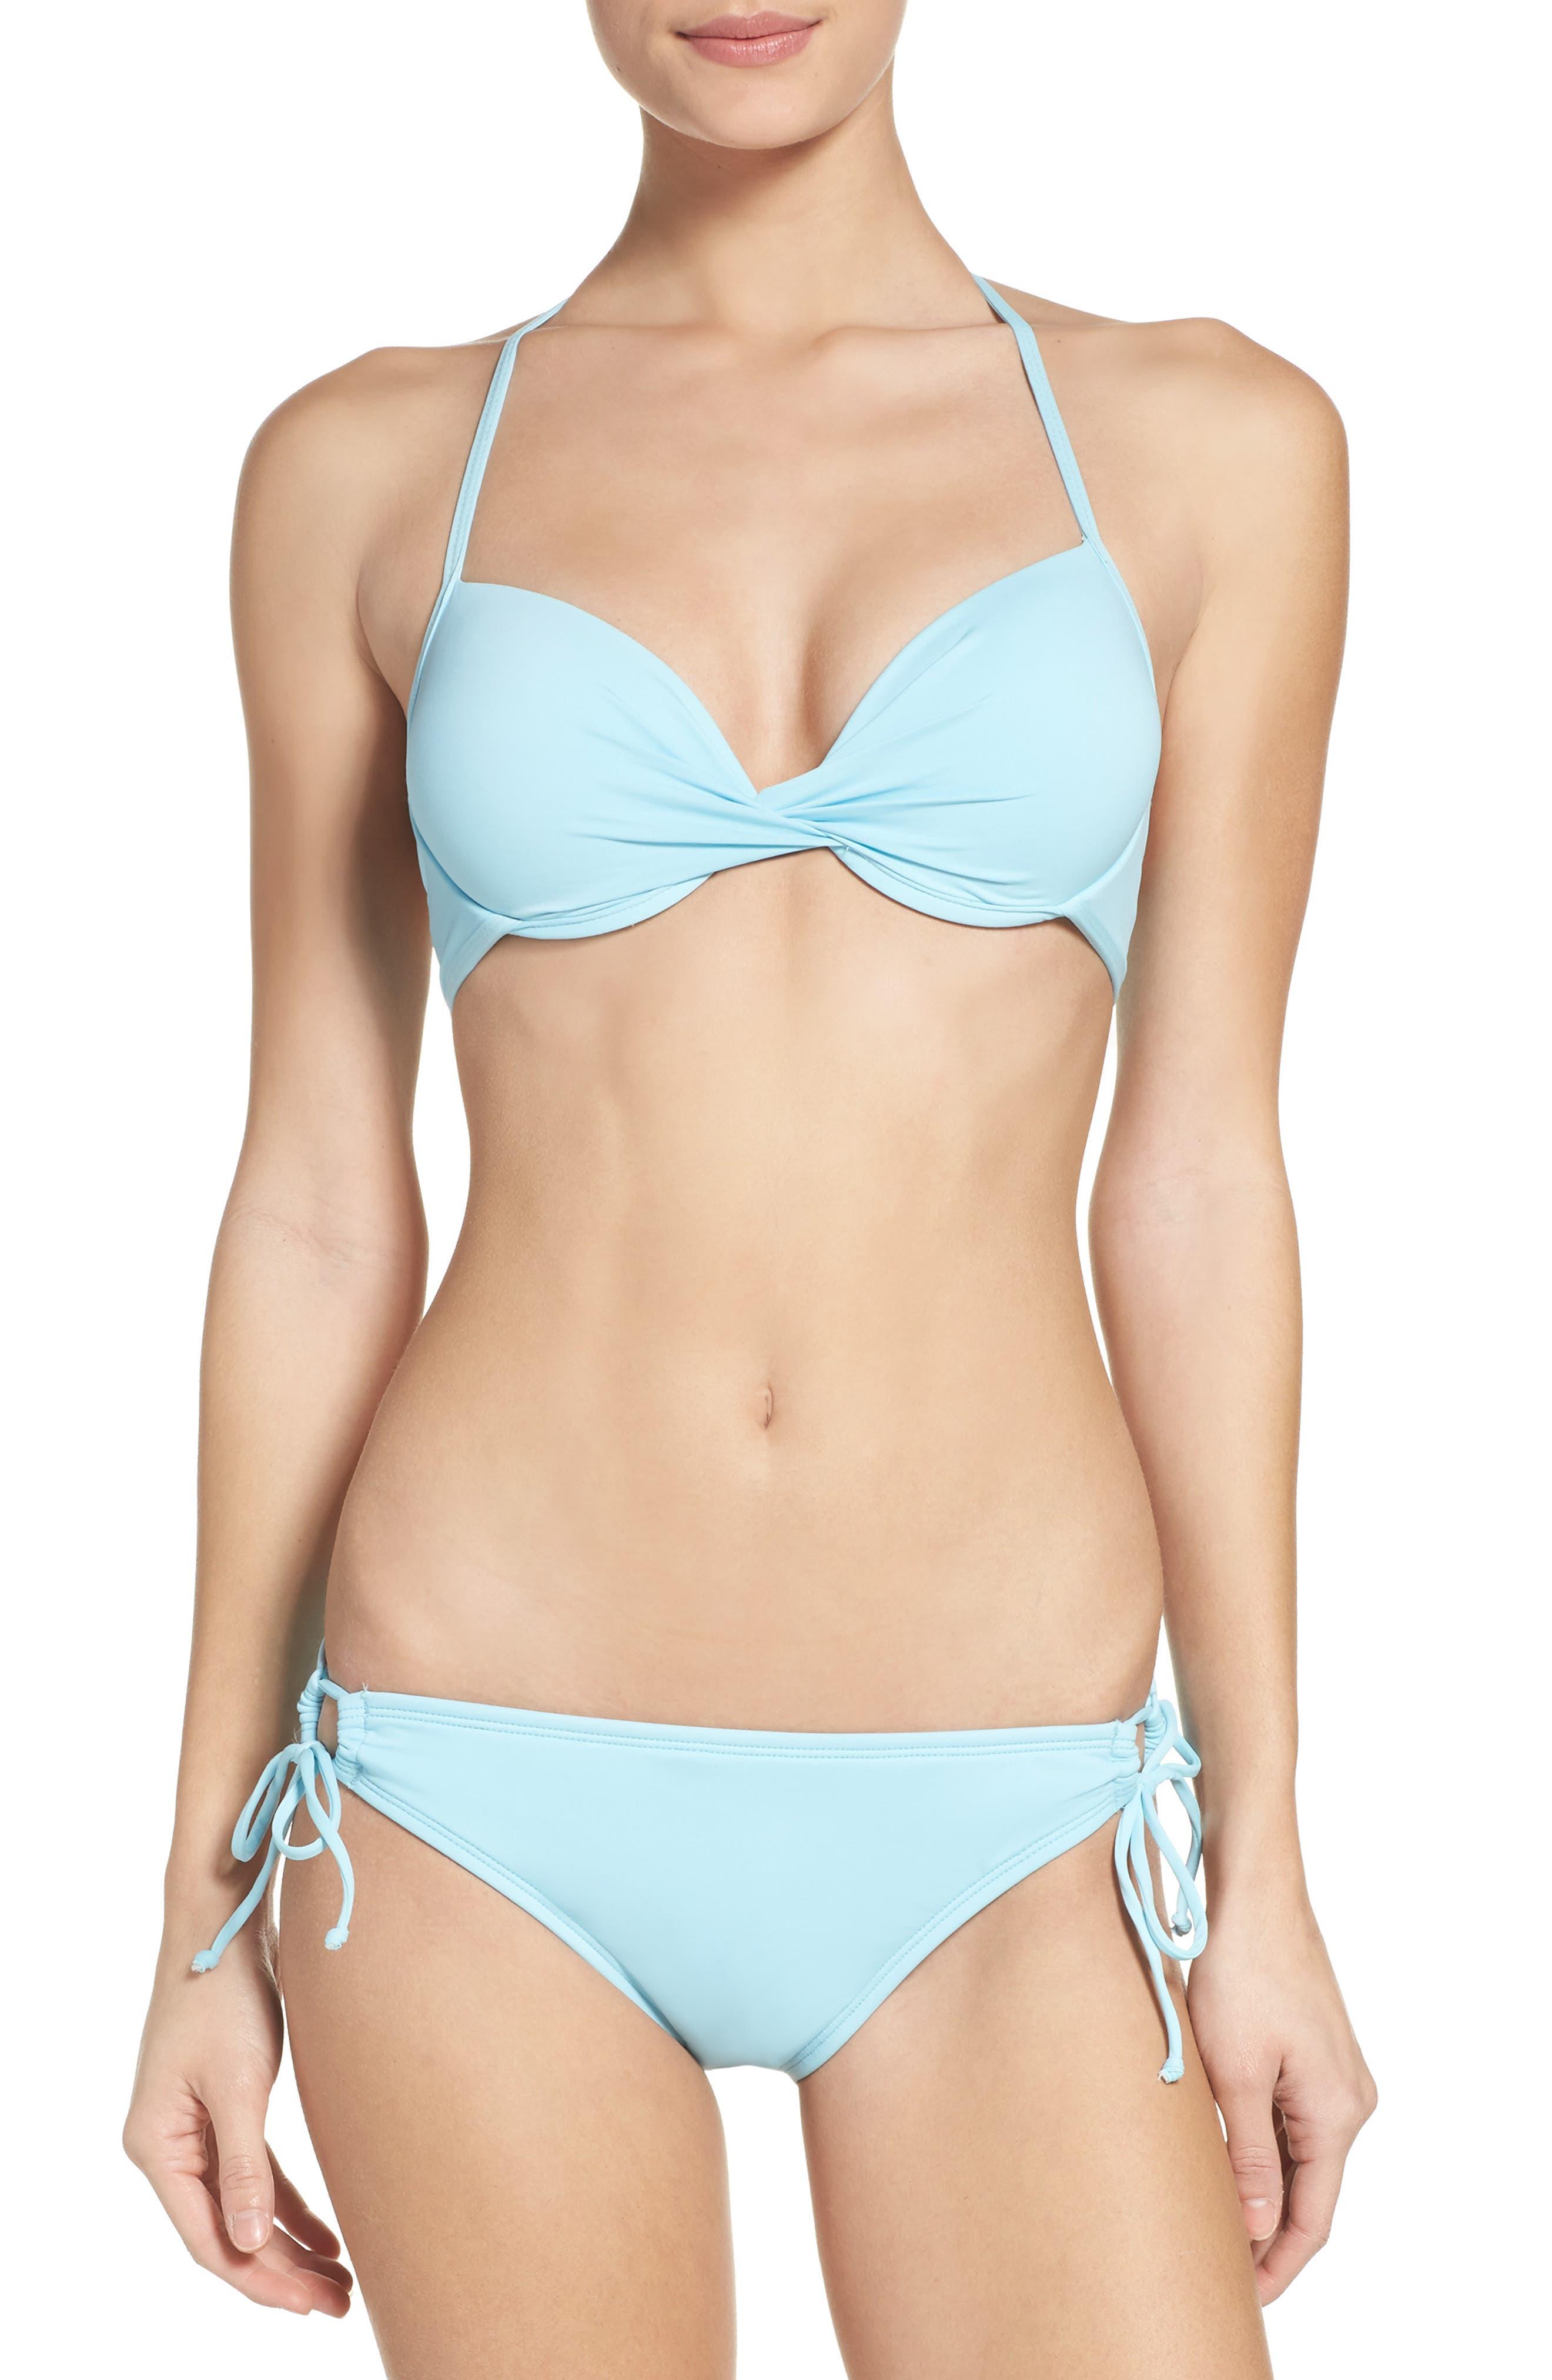 The Bikini Lab Bikini Top & Bottoms